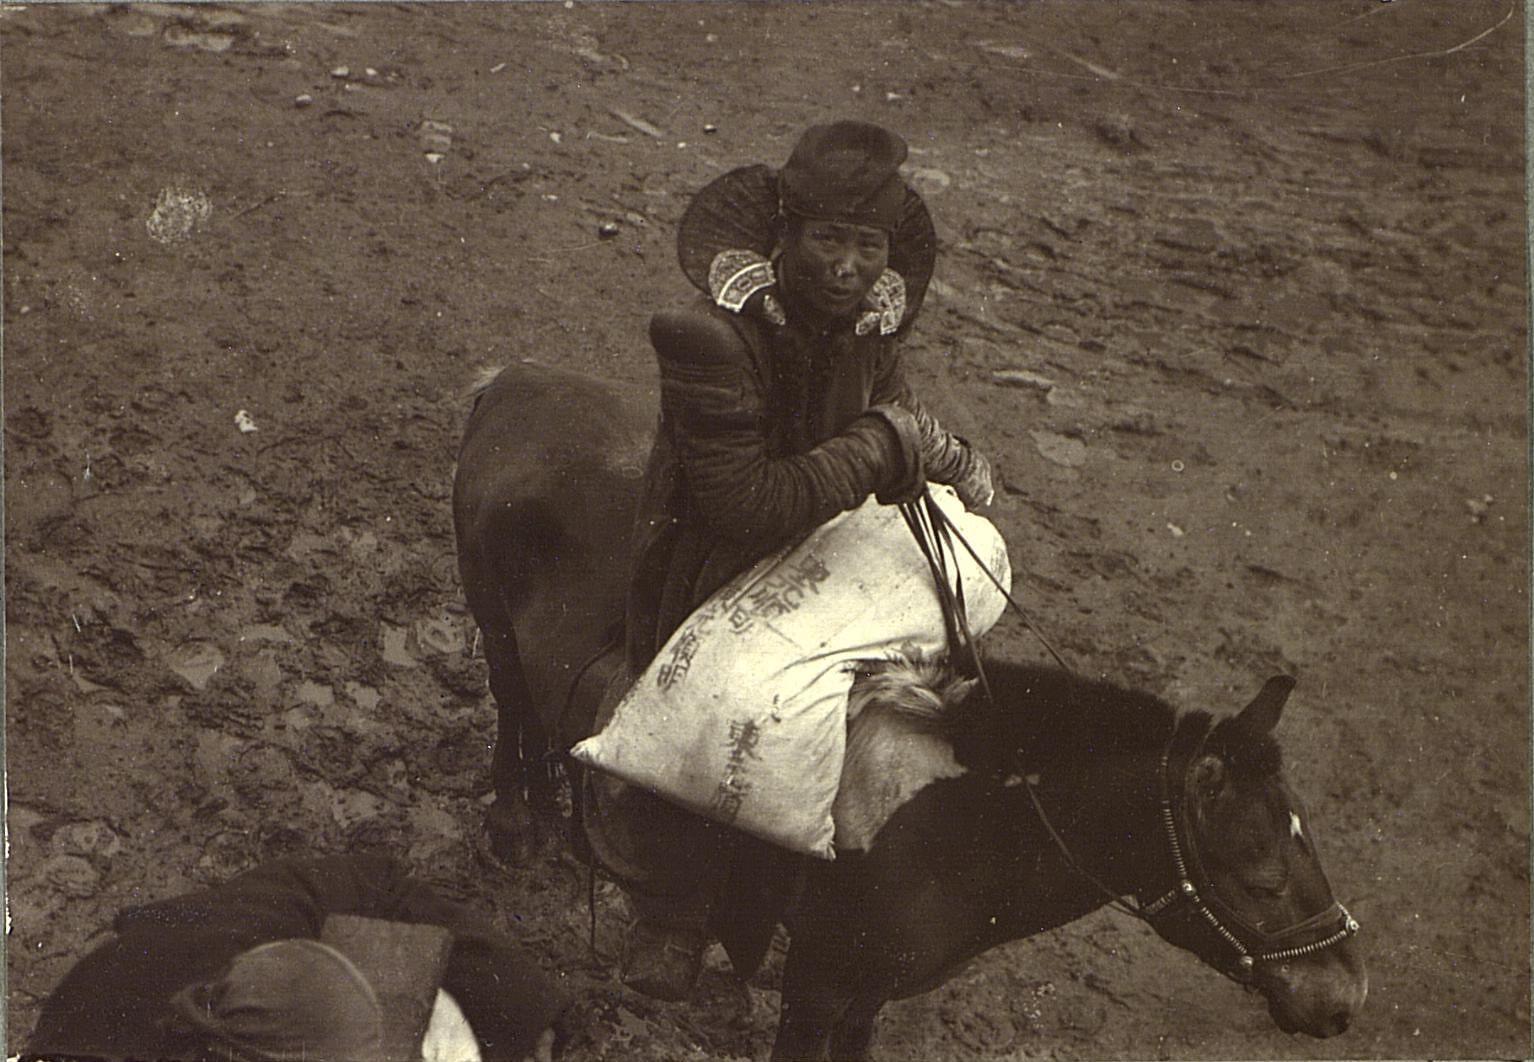 Урга. Монголка верхом с покупкой